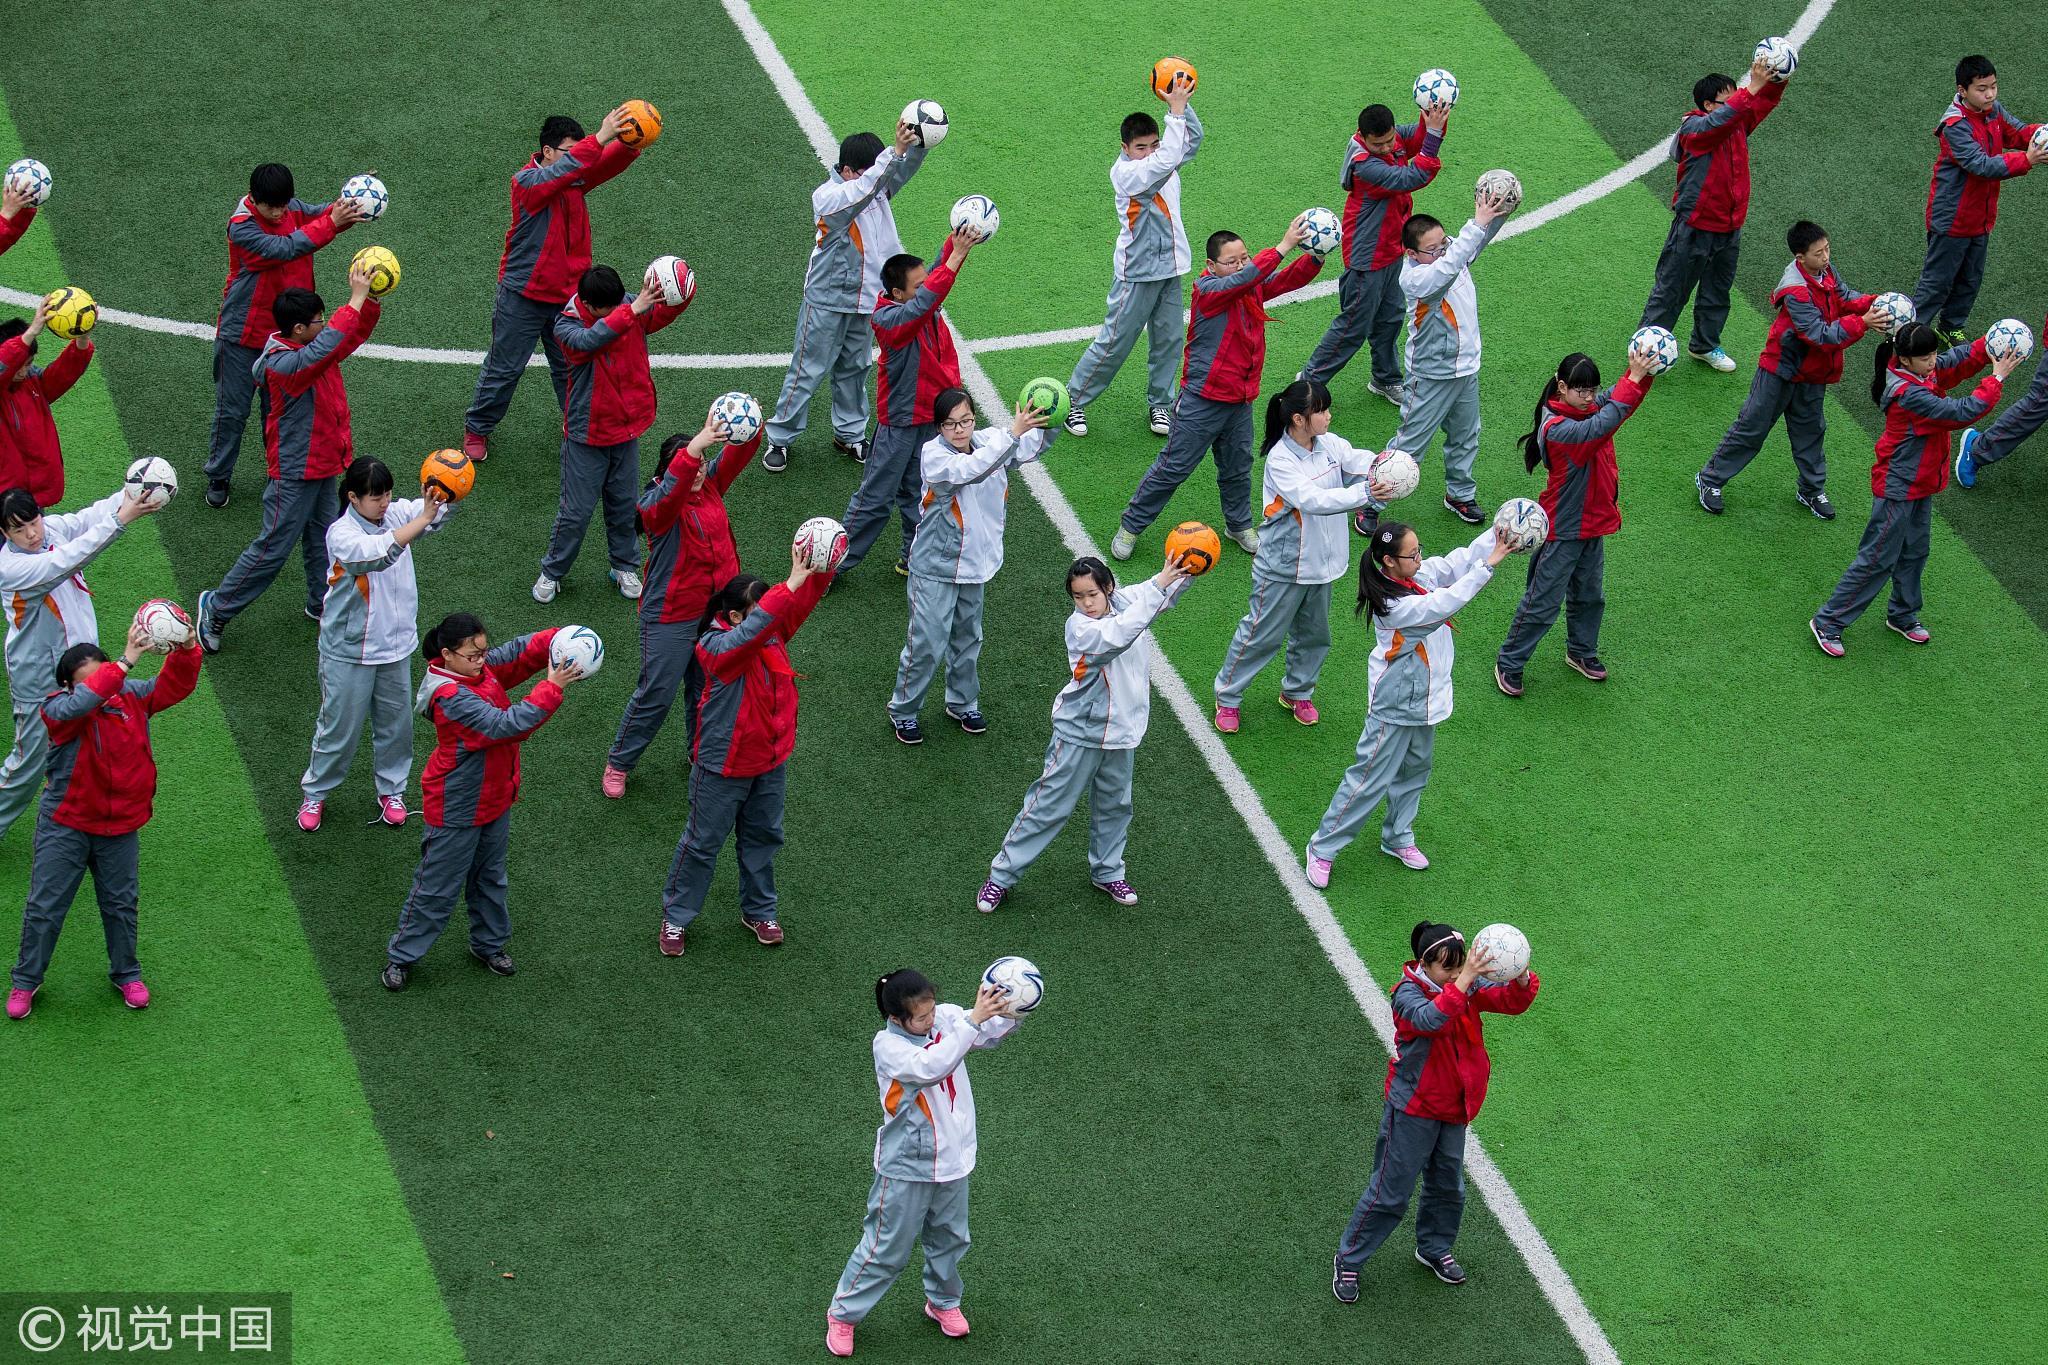 2015年3月18日,浙江杭州启航中学的学生抱着足球在体育课上跳操热身,这样玩足球,可能只有中国体育老师能想得到/视觉中国